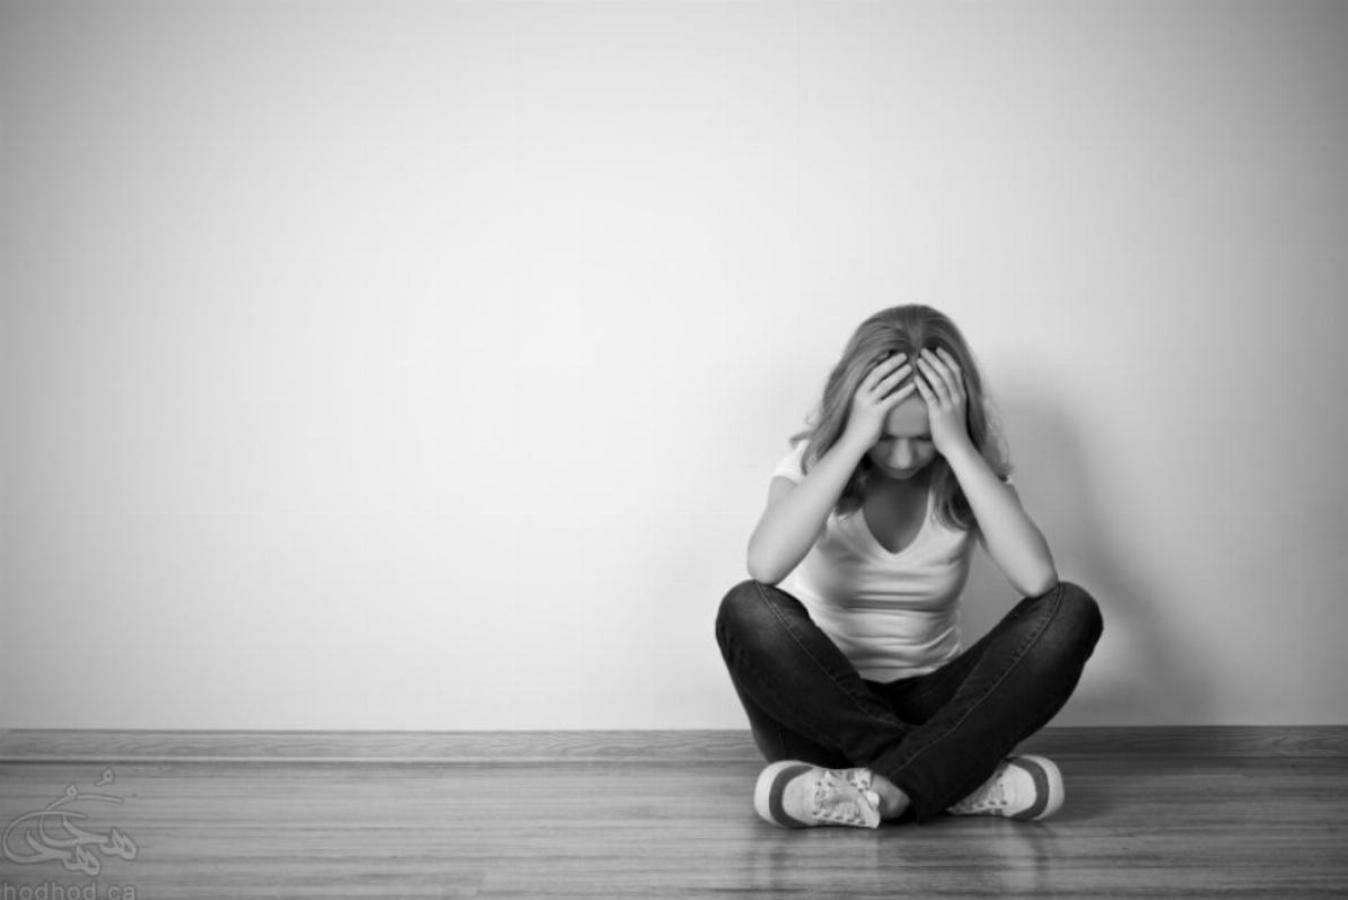 افسردگی و خطر خودکشی در مهاجران، بخش نخست